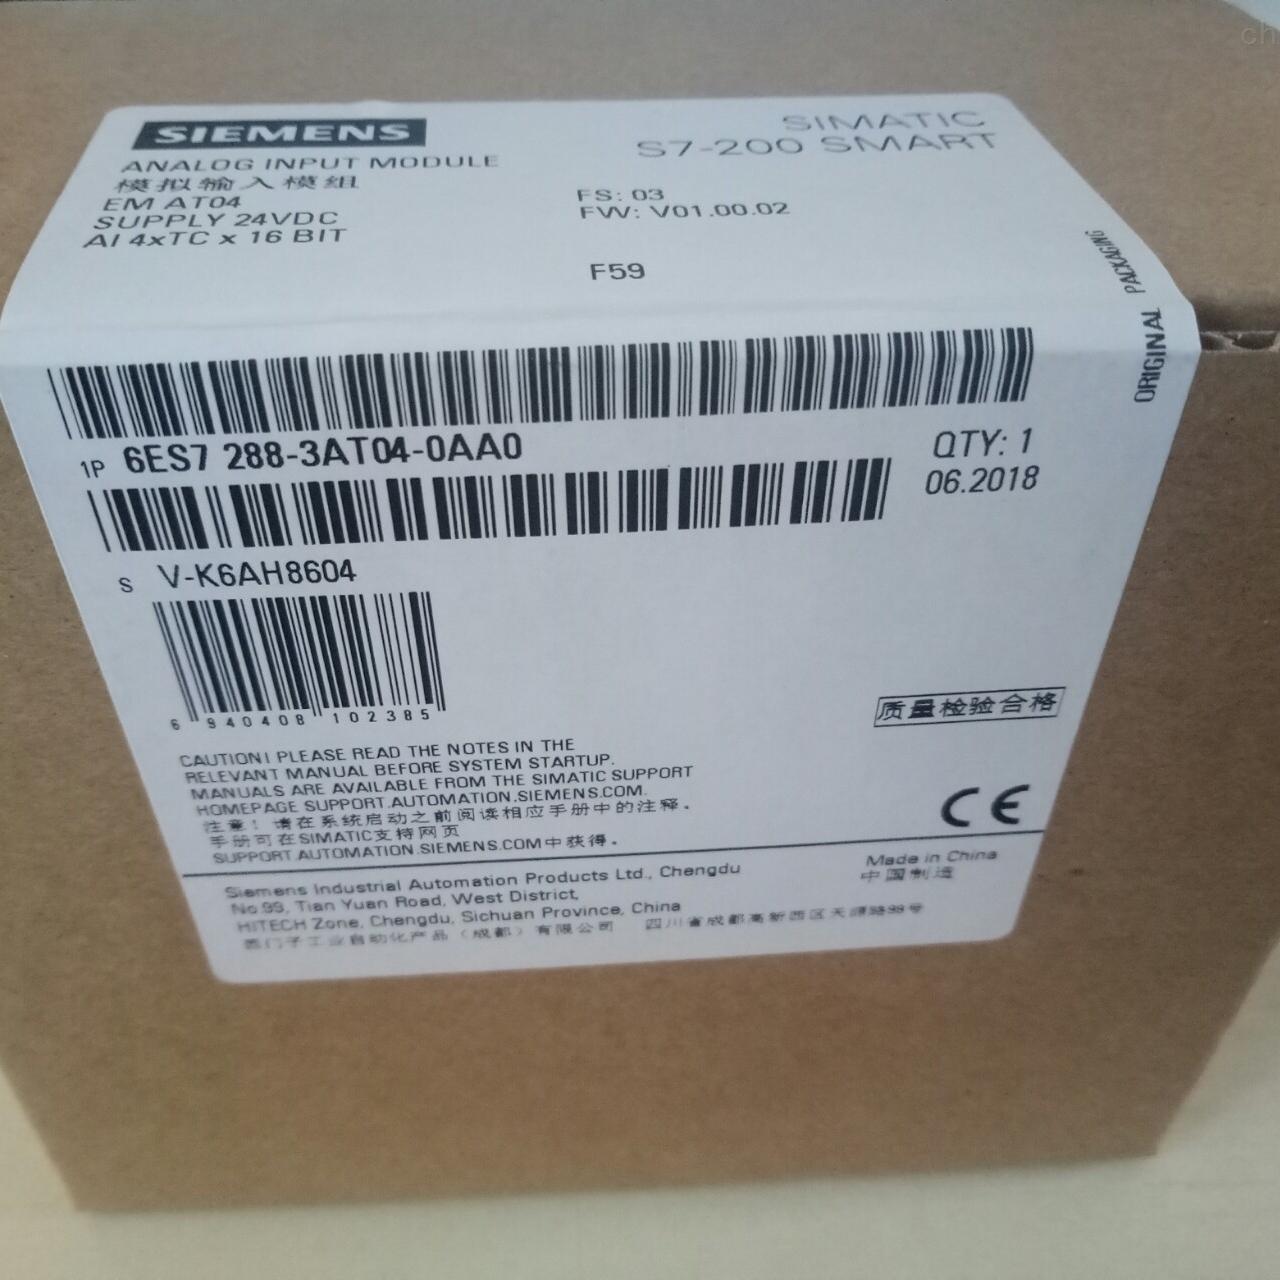 上饶西门子S7-200 SMART模块代理商